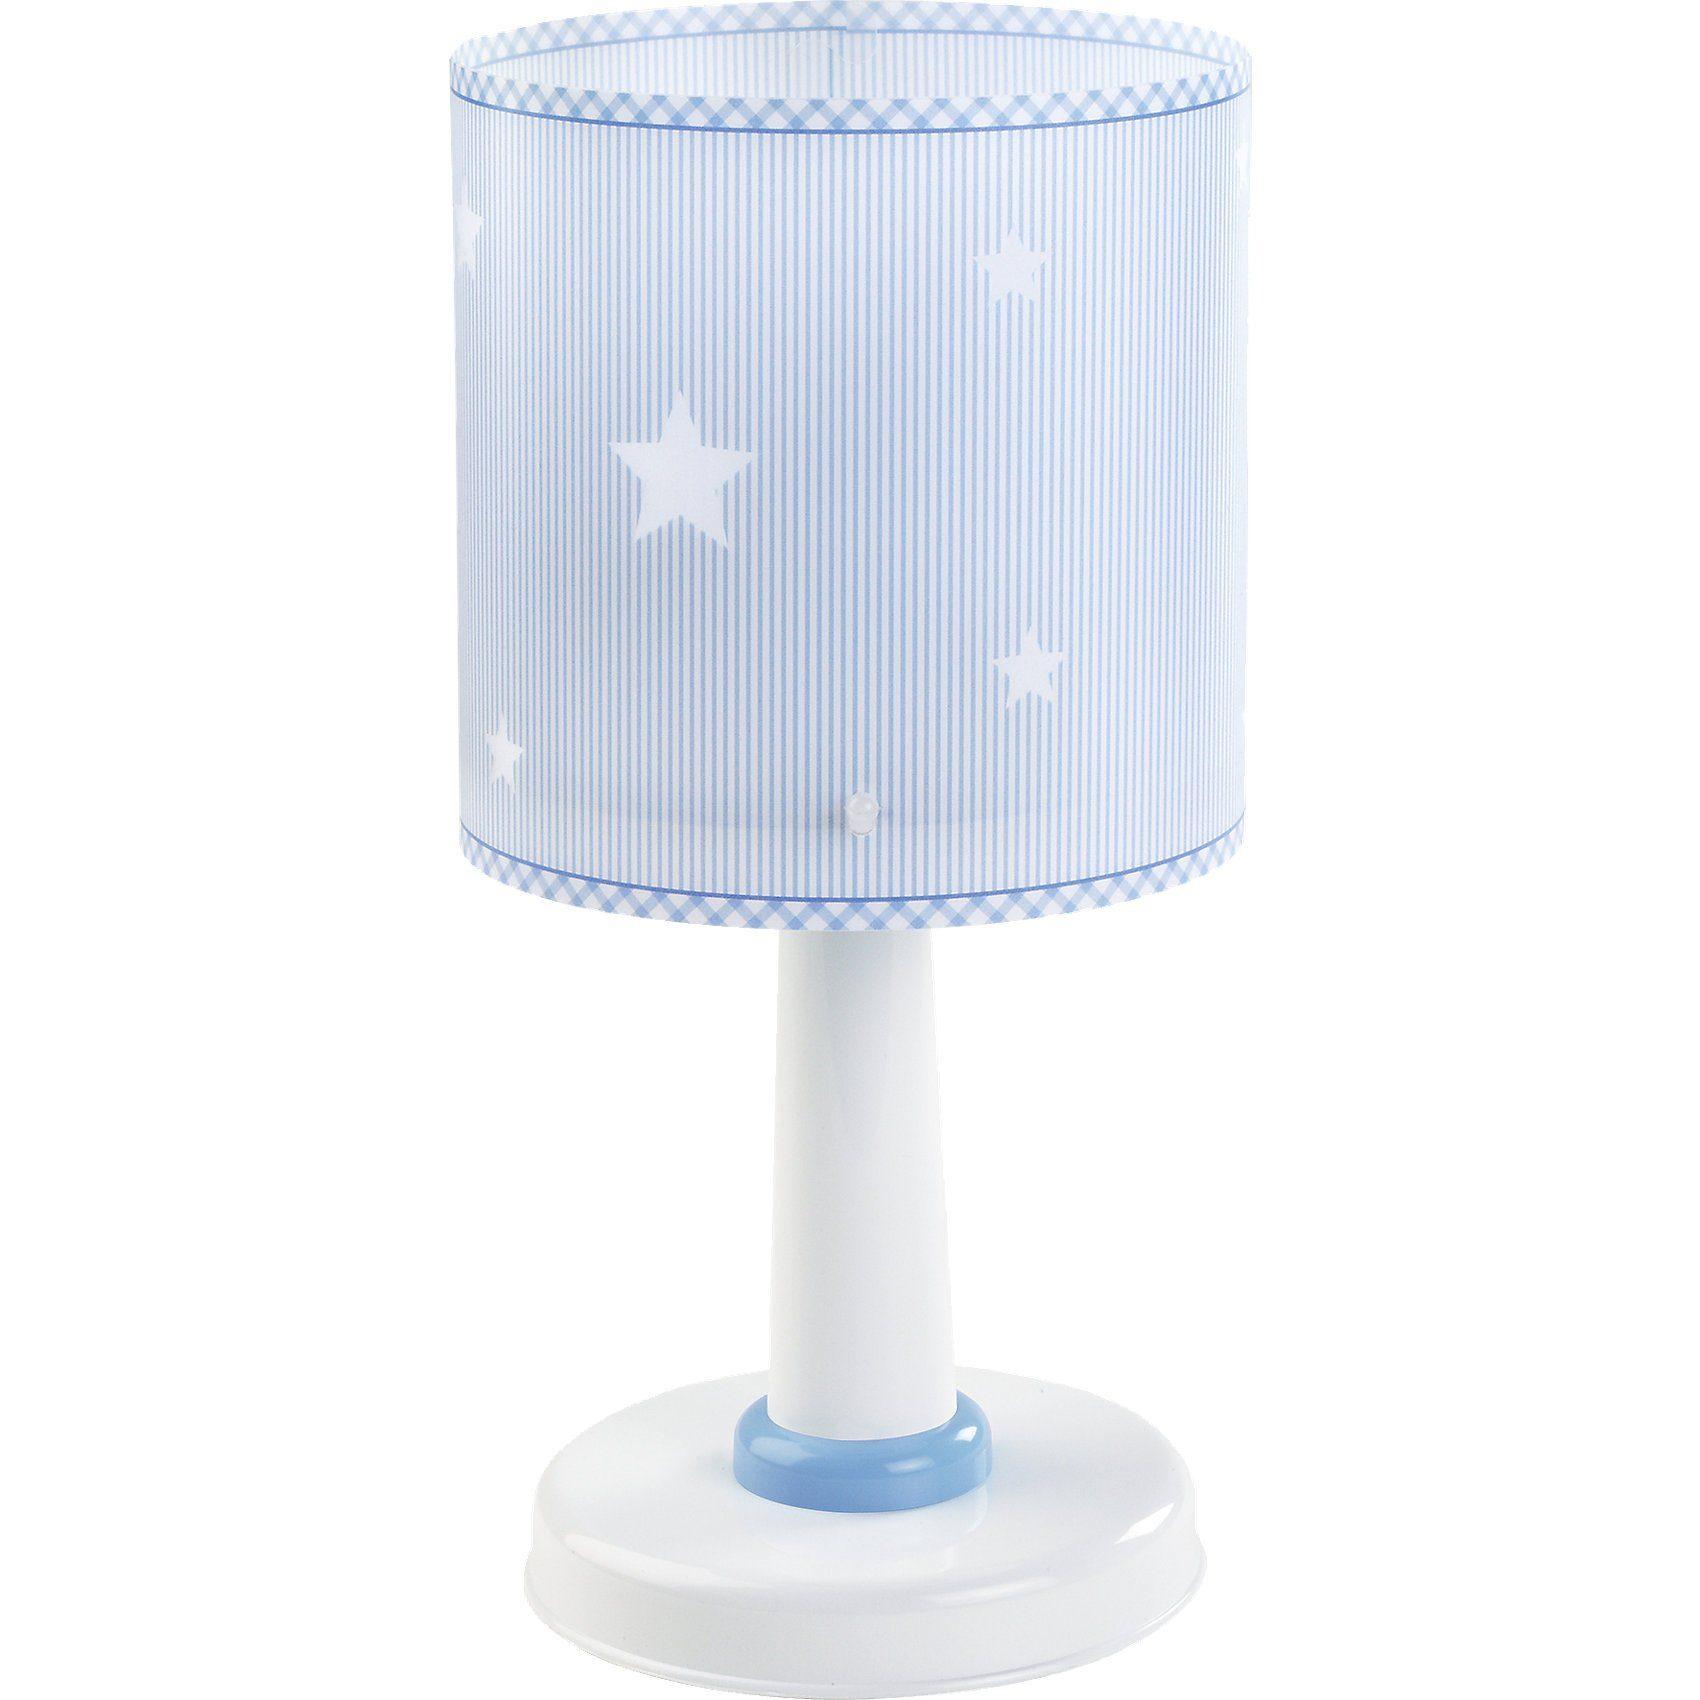 Dalber Tischlampe Sweet Dreams Stern, blau